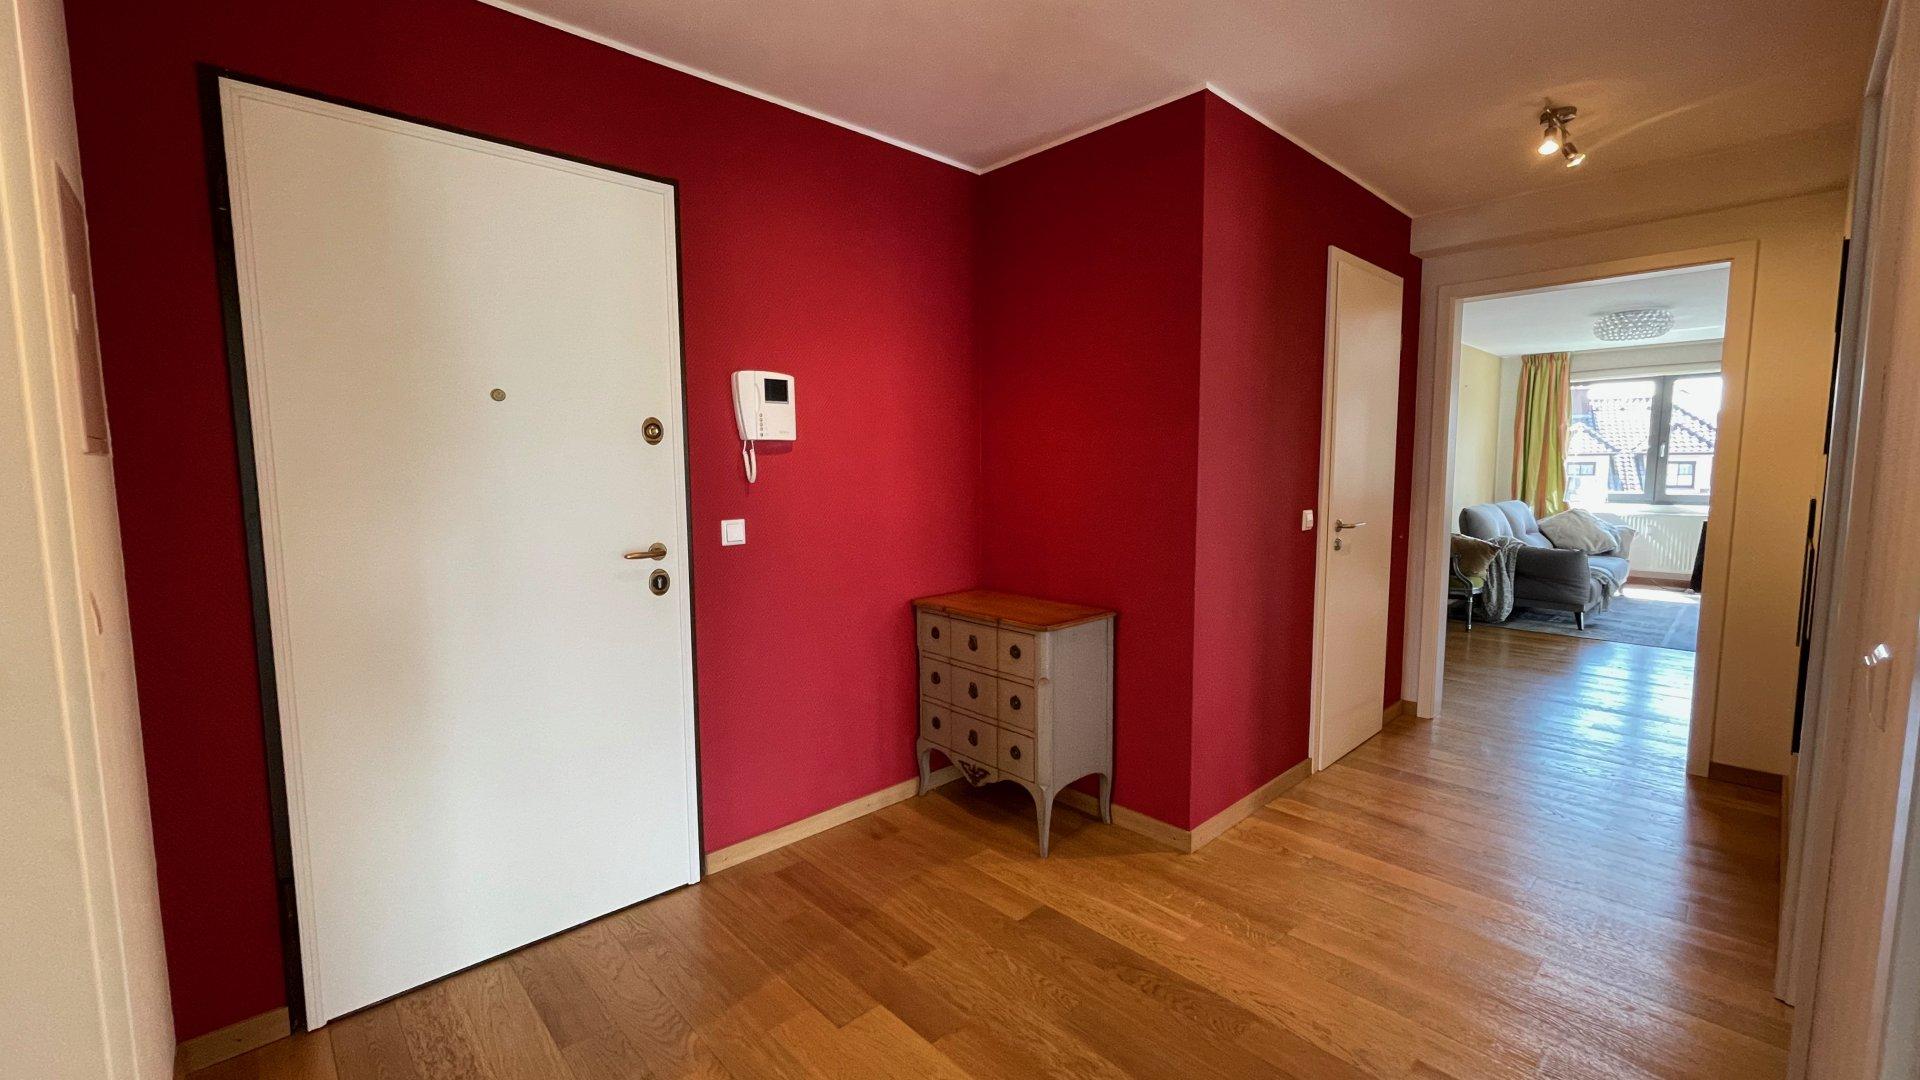 Appartement 2 chambres à louer à Hesperange